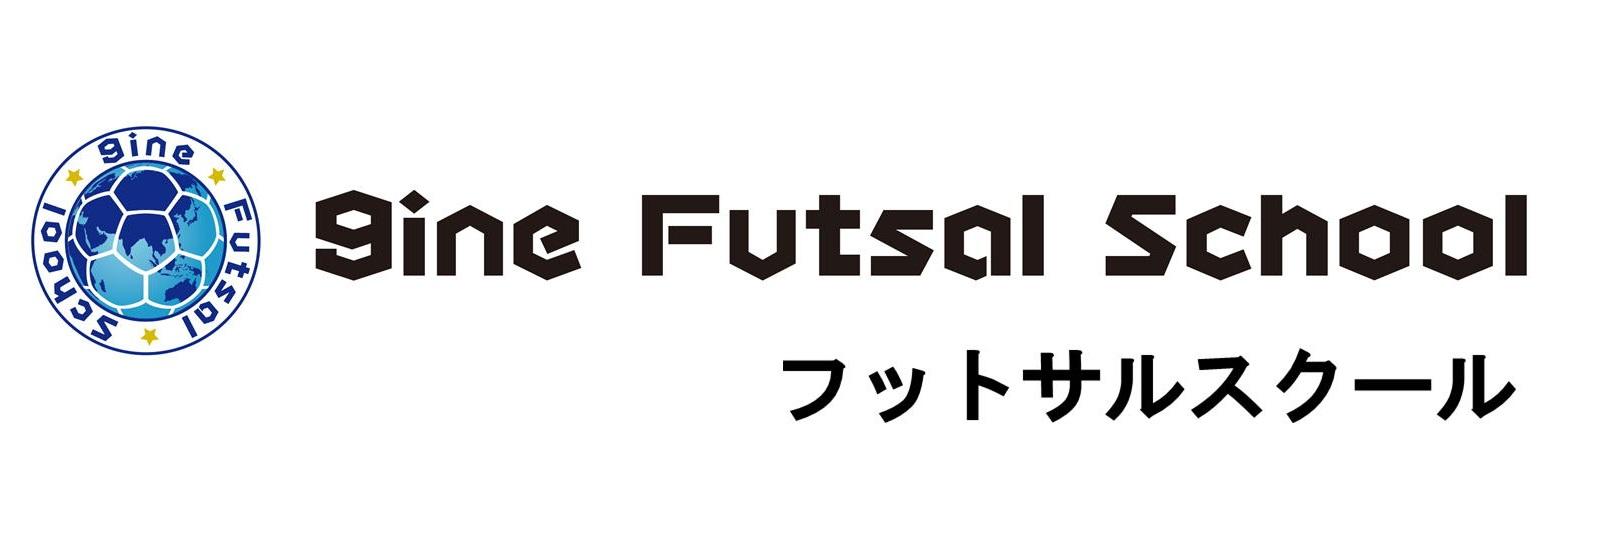 9ine Futsal School